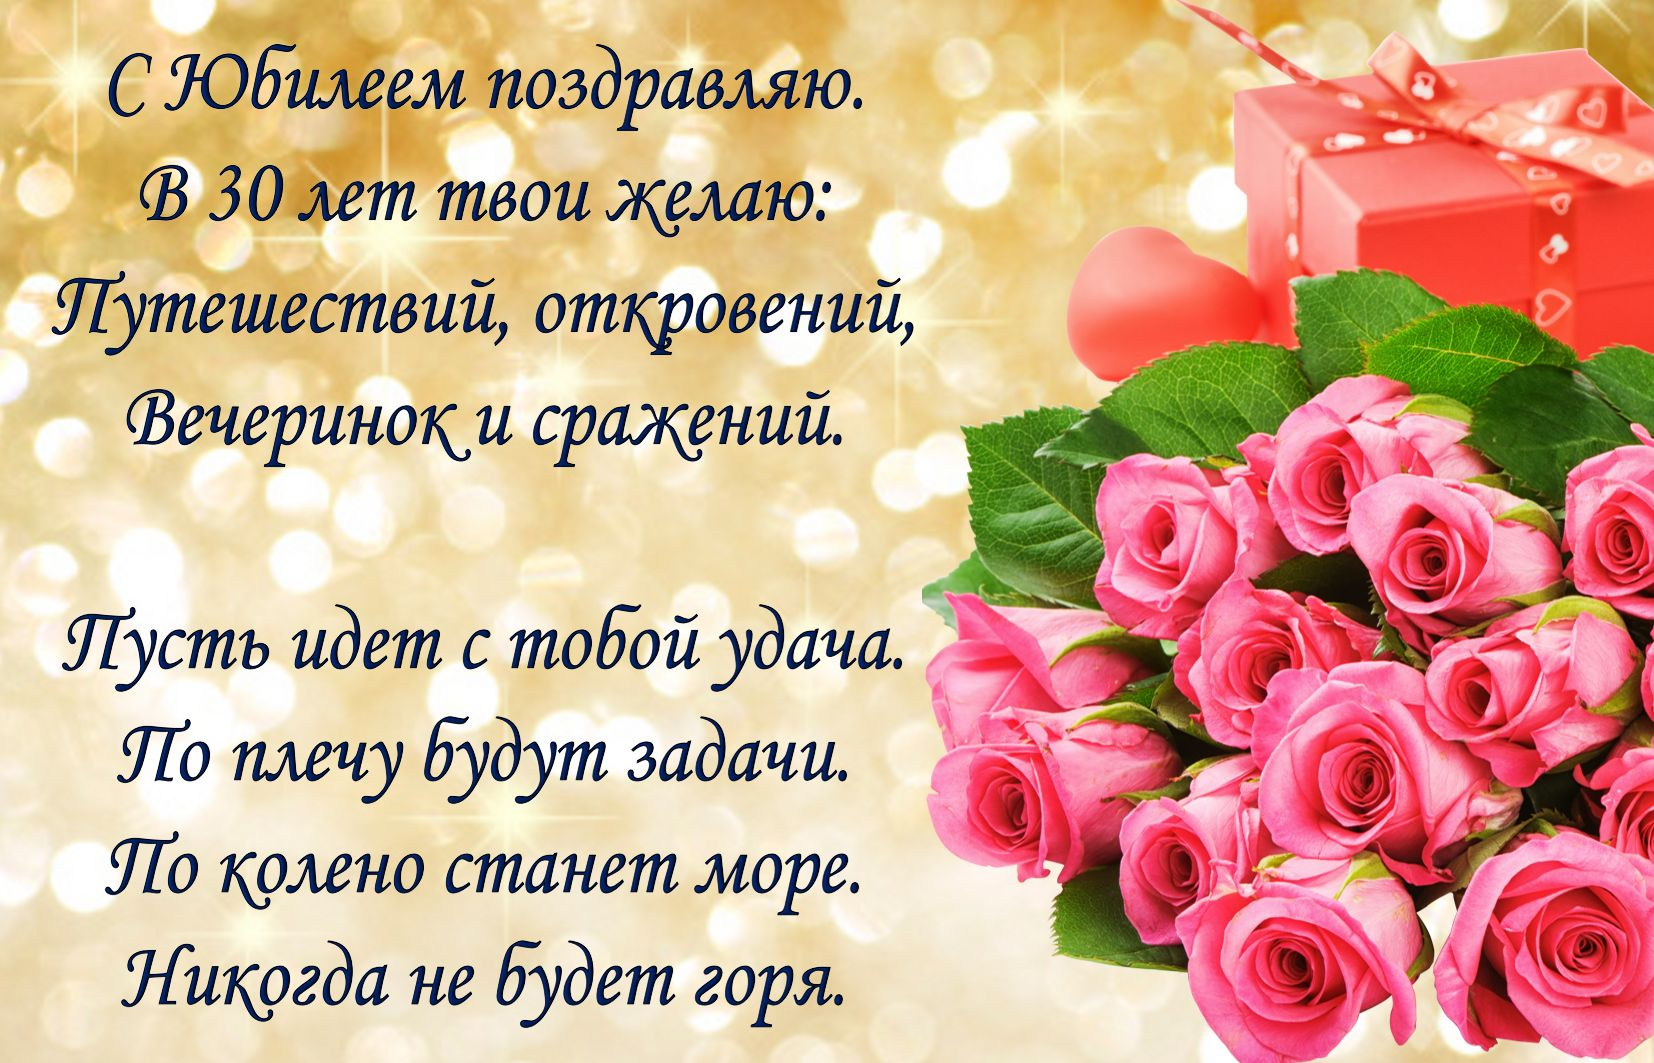 Открытка на юбилей 30 лет - красивое пожелание с букетом роз